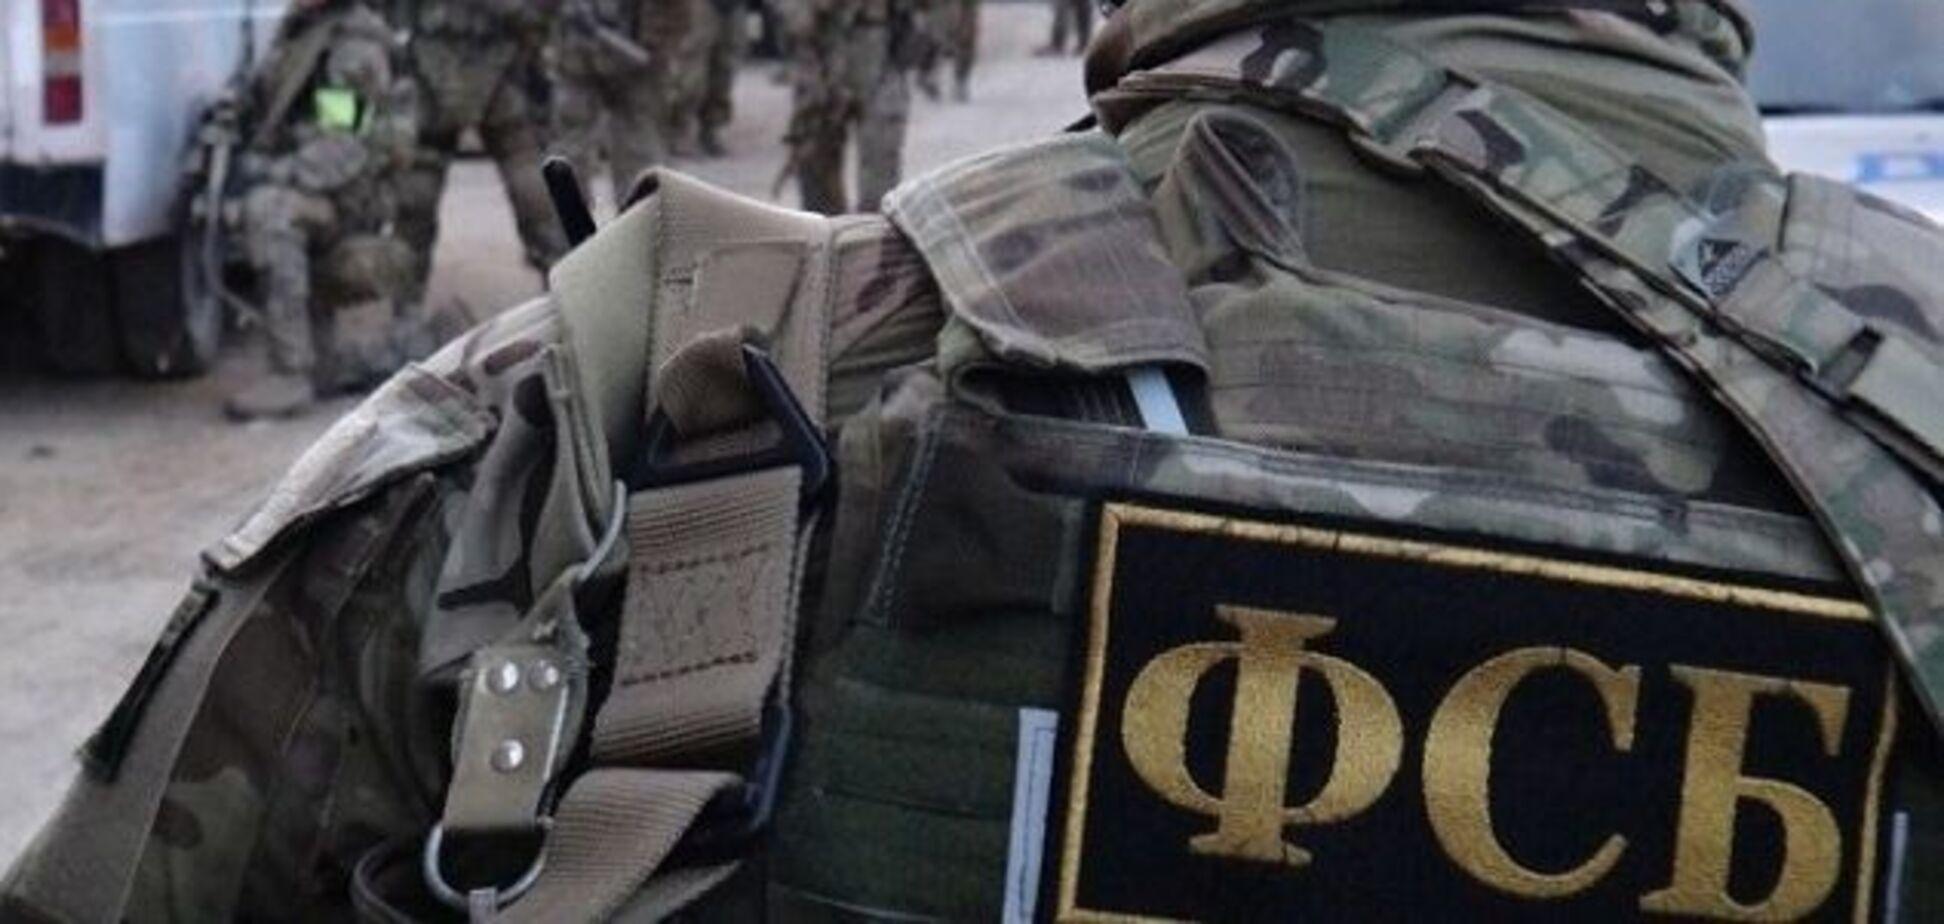 ФСБ обвиняет Украину в 'государственном терроризме' не случайно